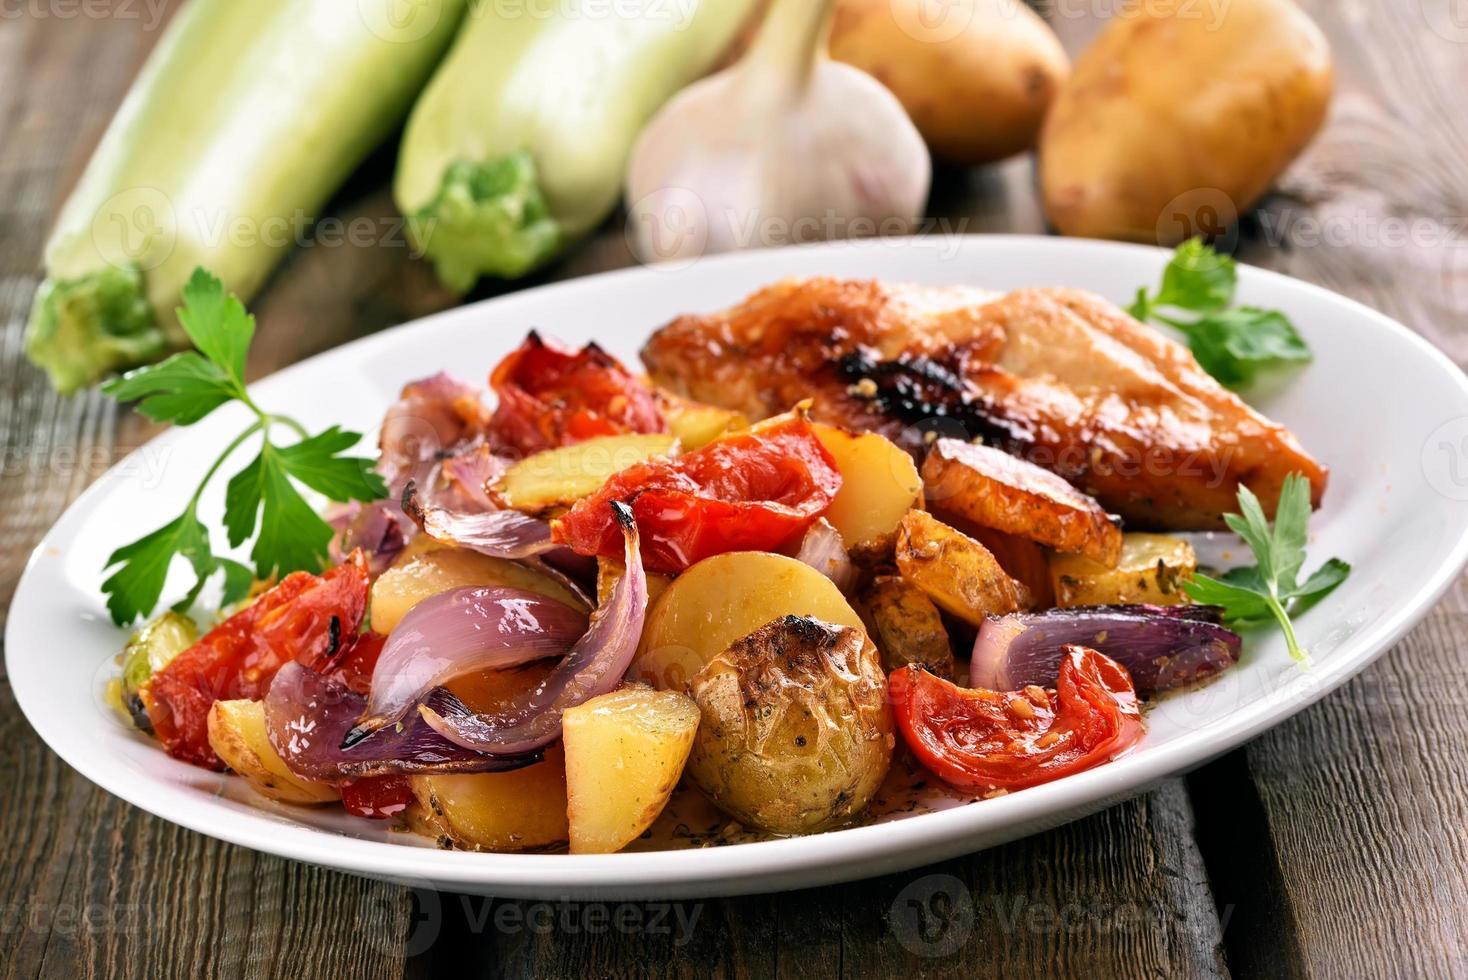 grillad grönsak med kycklingbröst foto